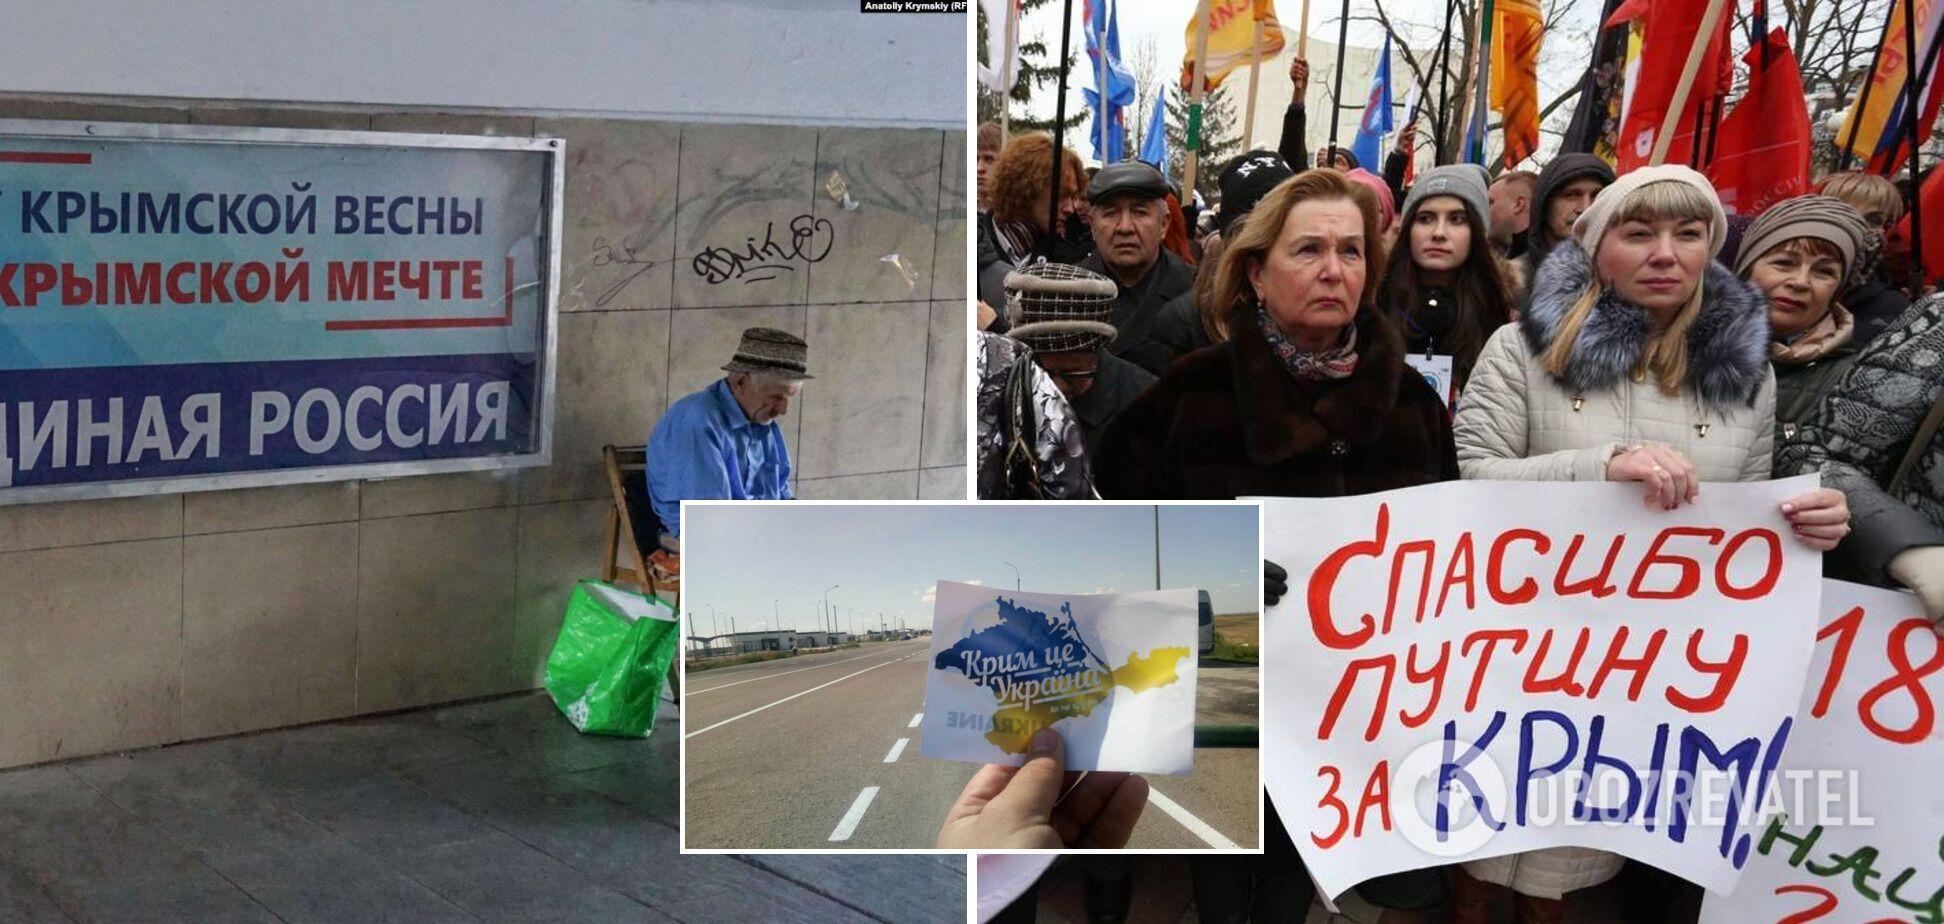 Новини Кримнашу. Рано чи пізно Крим доведеться повернути, і це буде остання російська угода з приводу його долі